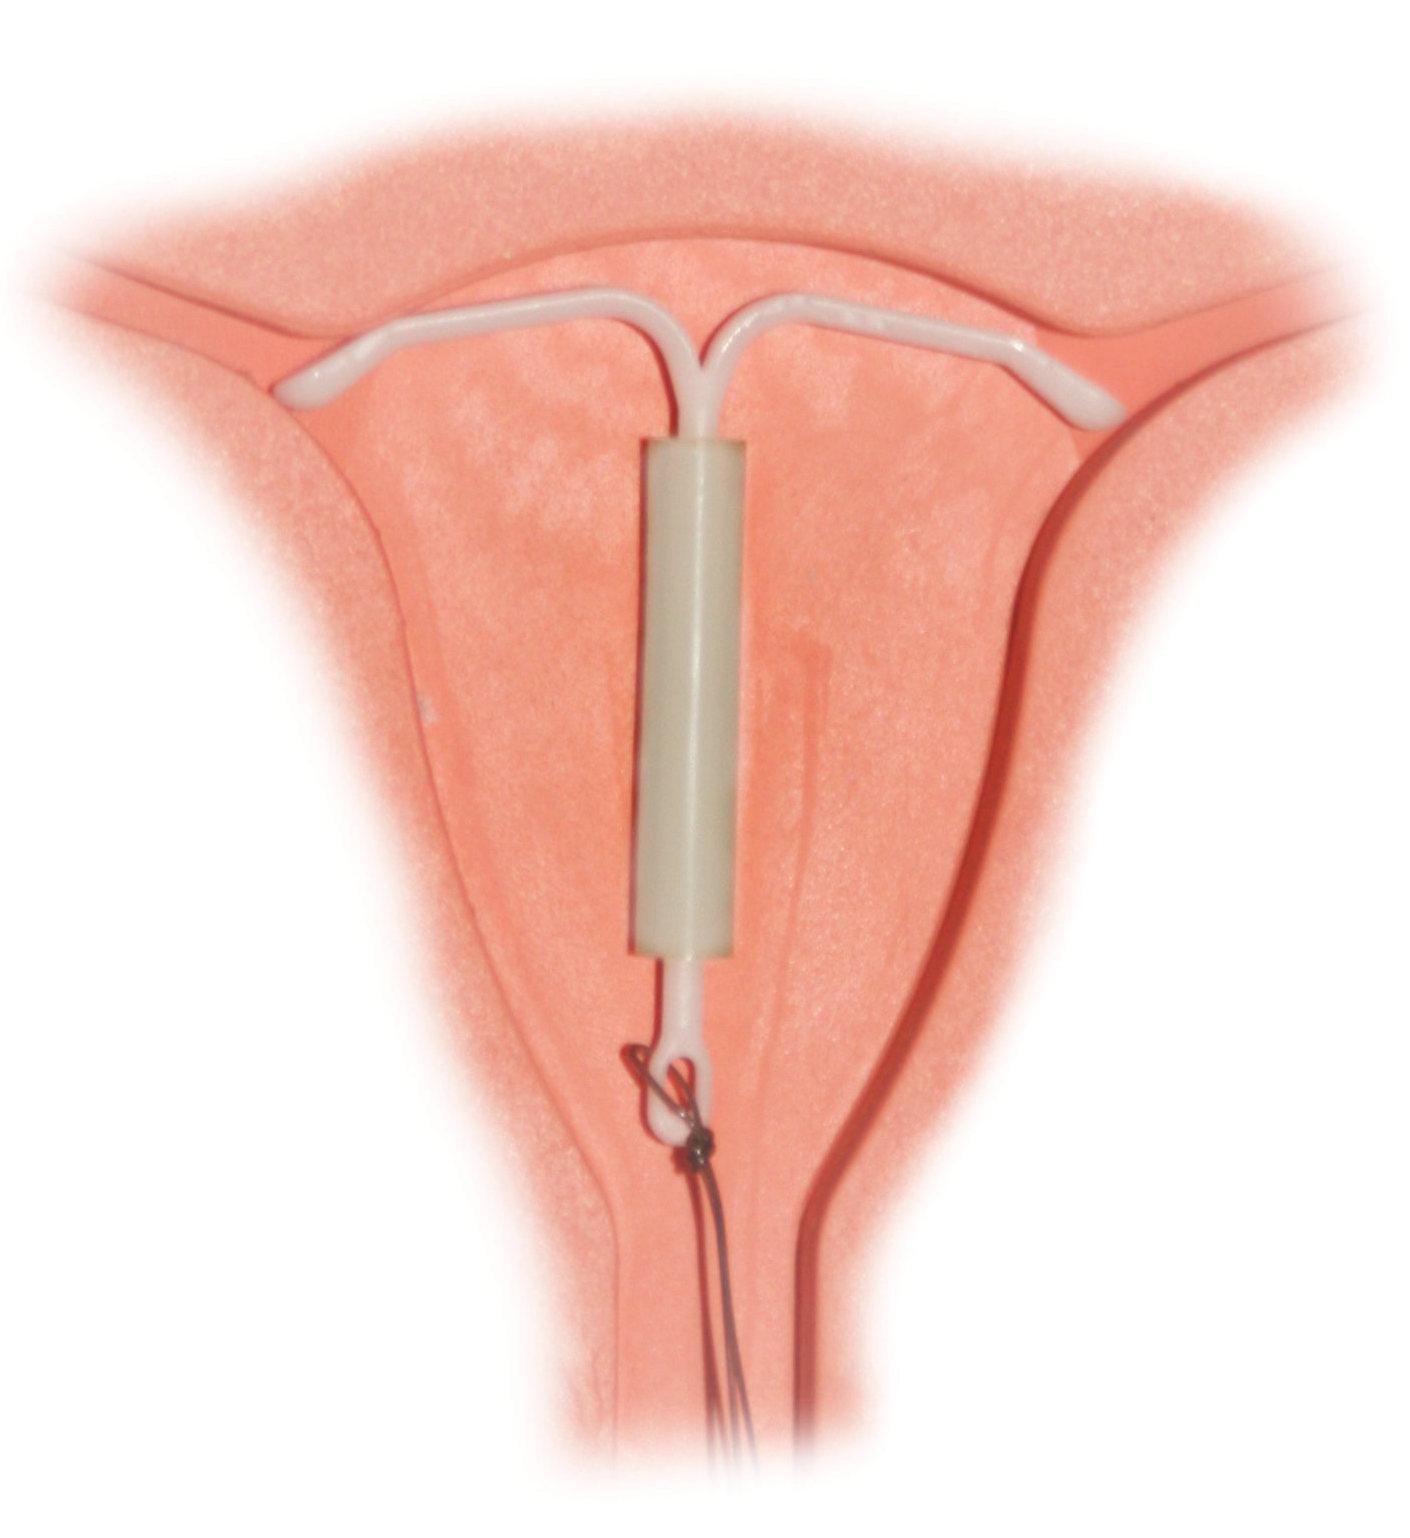 hight resolution of uteru diagram iud